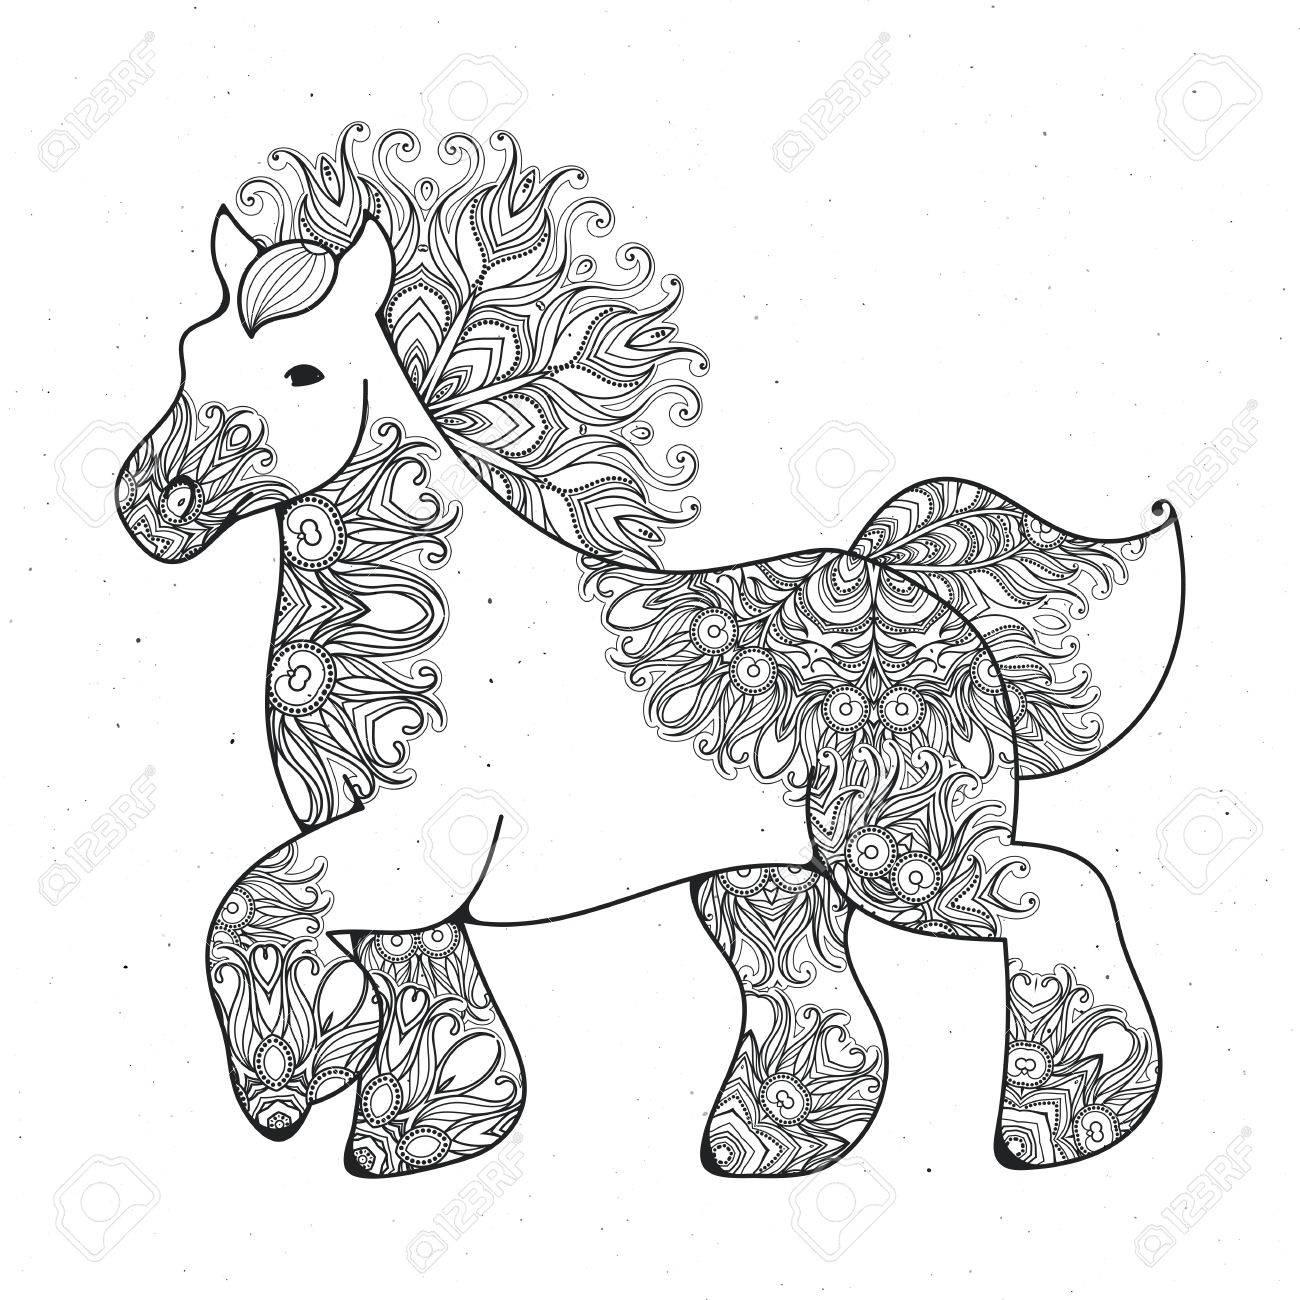 Coloriage Cheval Zen.Antistress Lineaire Page Avec Cheval Zentangle Animal Pour Cahier De Coloriage Carte De Voeux Element De Decoration De Mandala Art Therapie